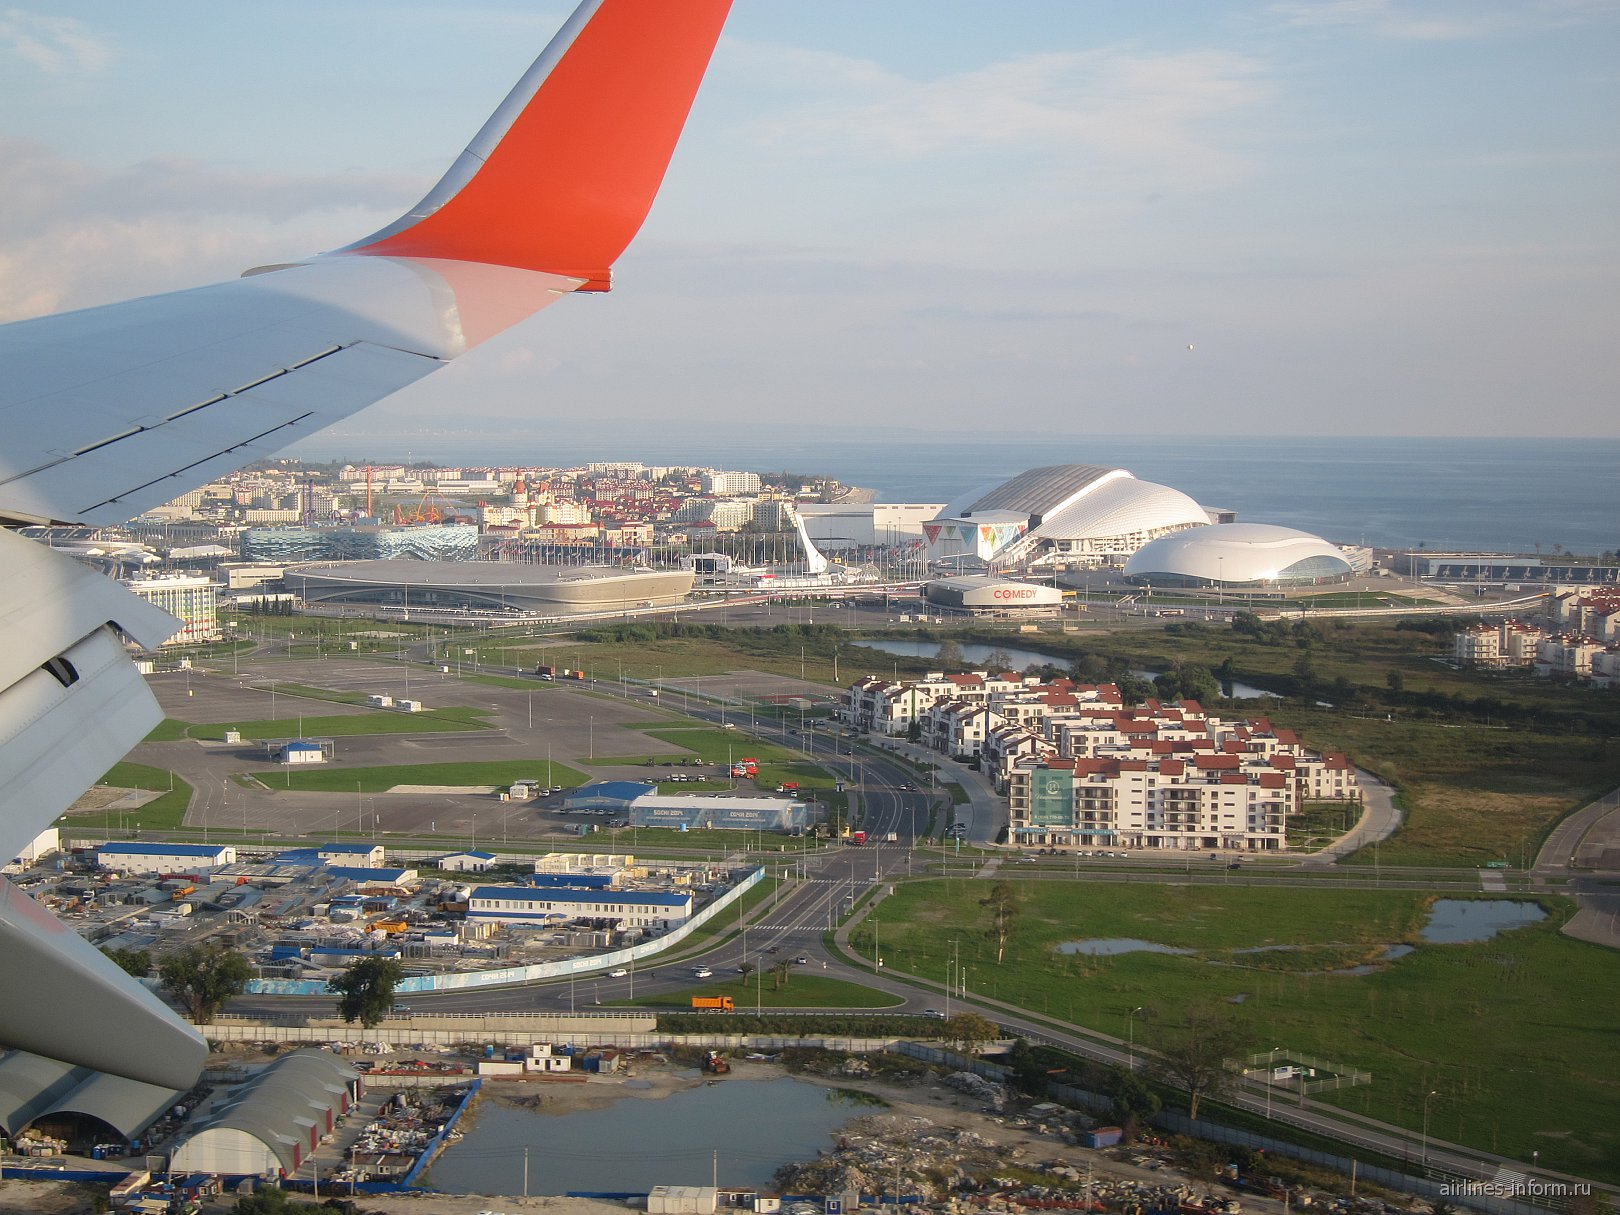 Вид на Олимпийский парк перед посадкой в аэропорту Сочи